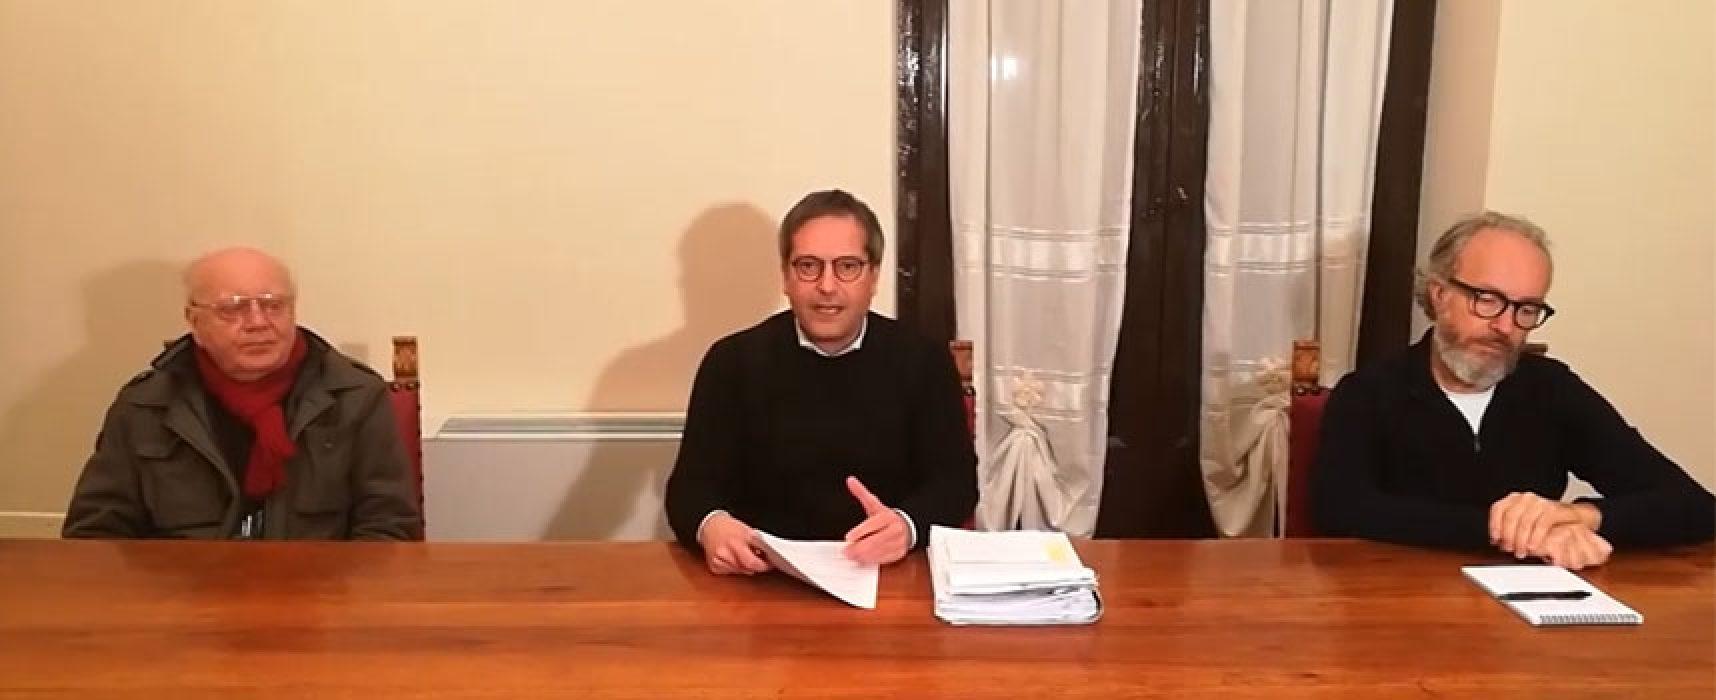 """Angarano: """"Confermati 3 casi Covid-19 a Bisceglie, Regione ha accentrato gestione dati"""""""